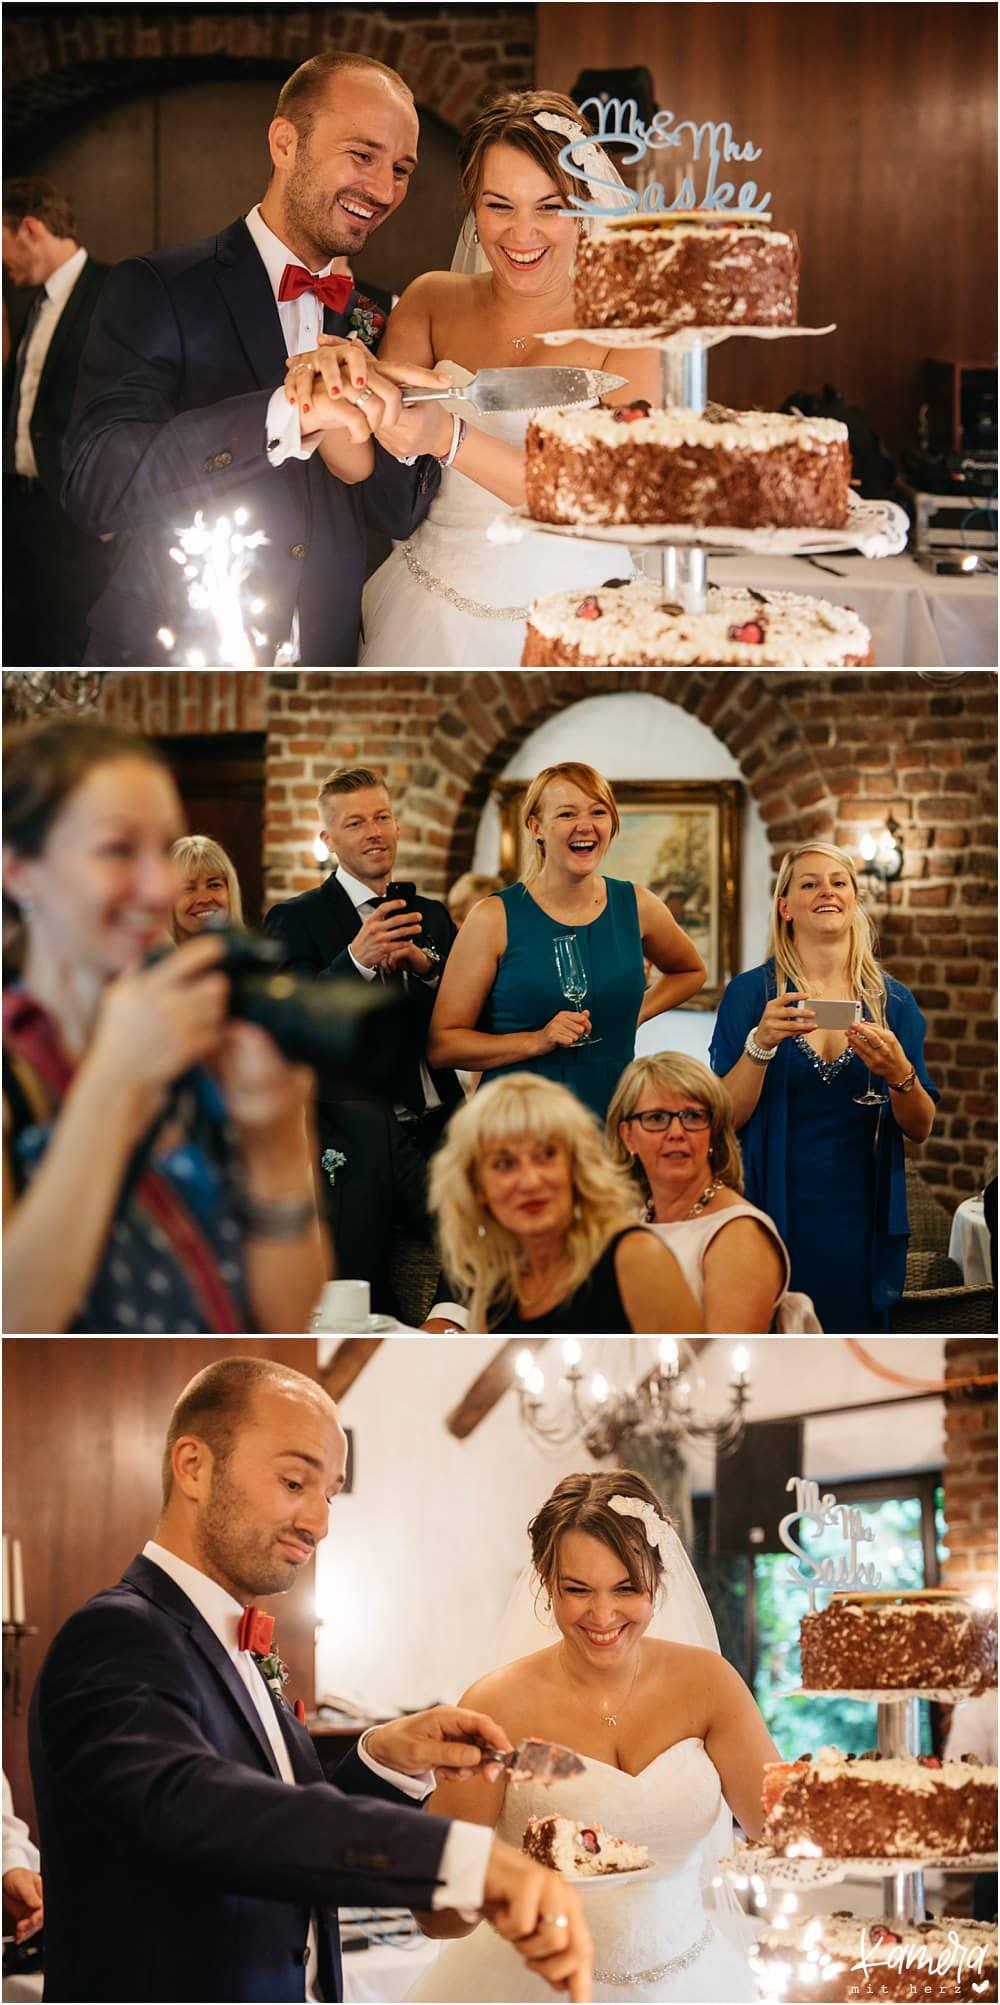 Tortenanschnitt Hochzeitstorte